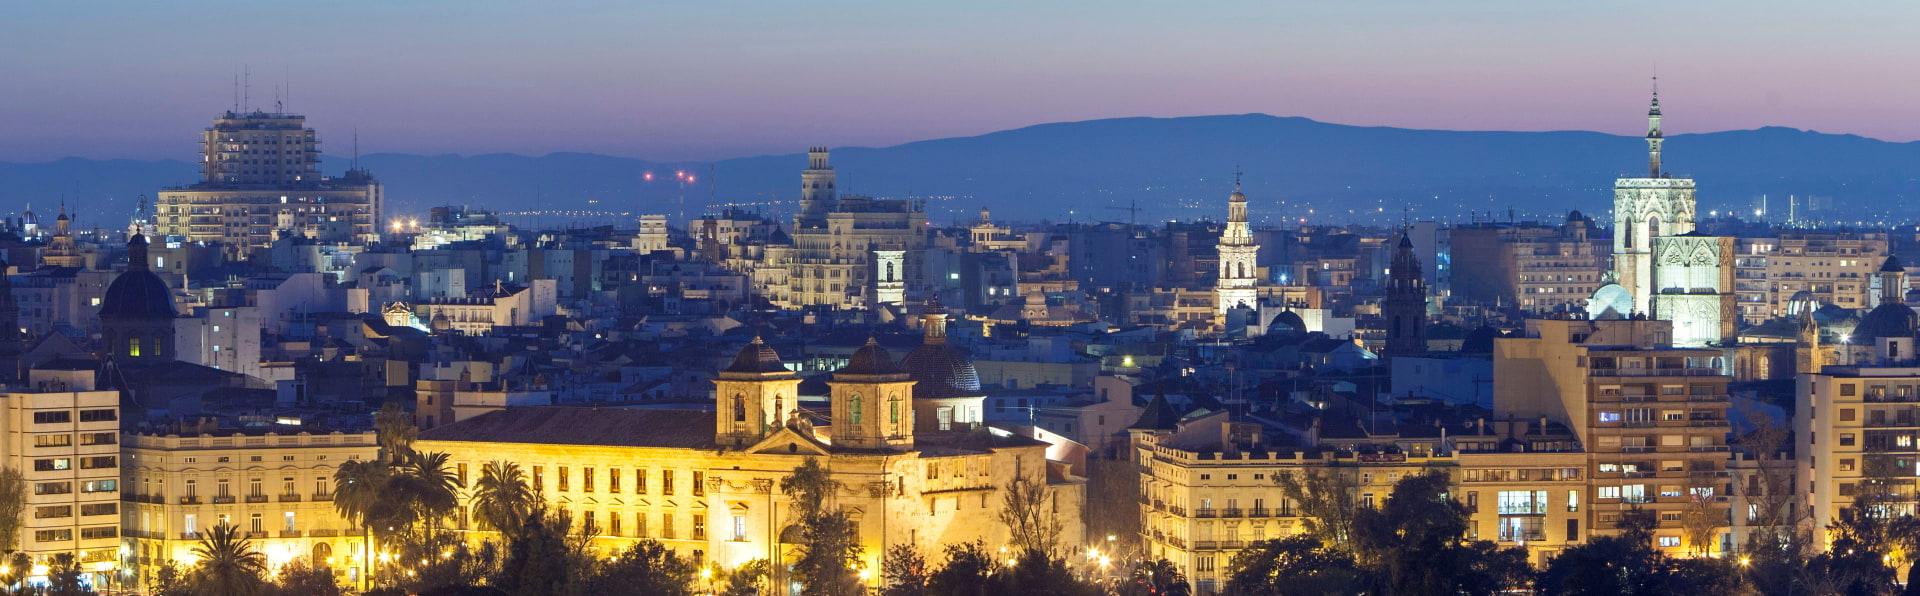 Vistas nocturnas de la ciudad de Valencia